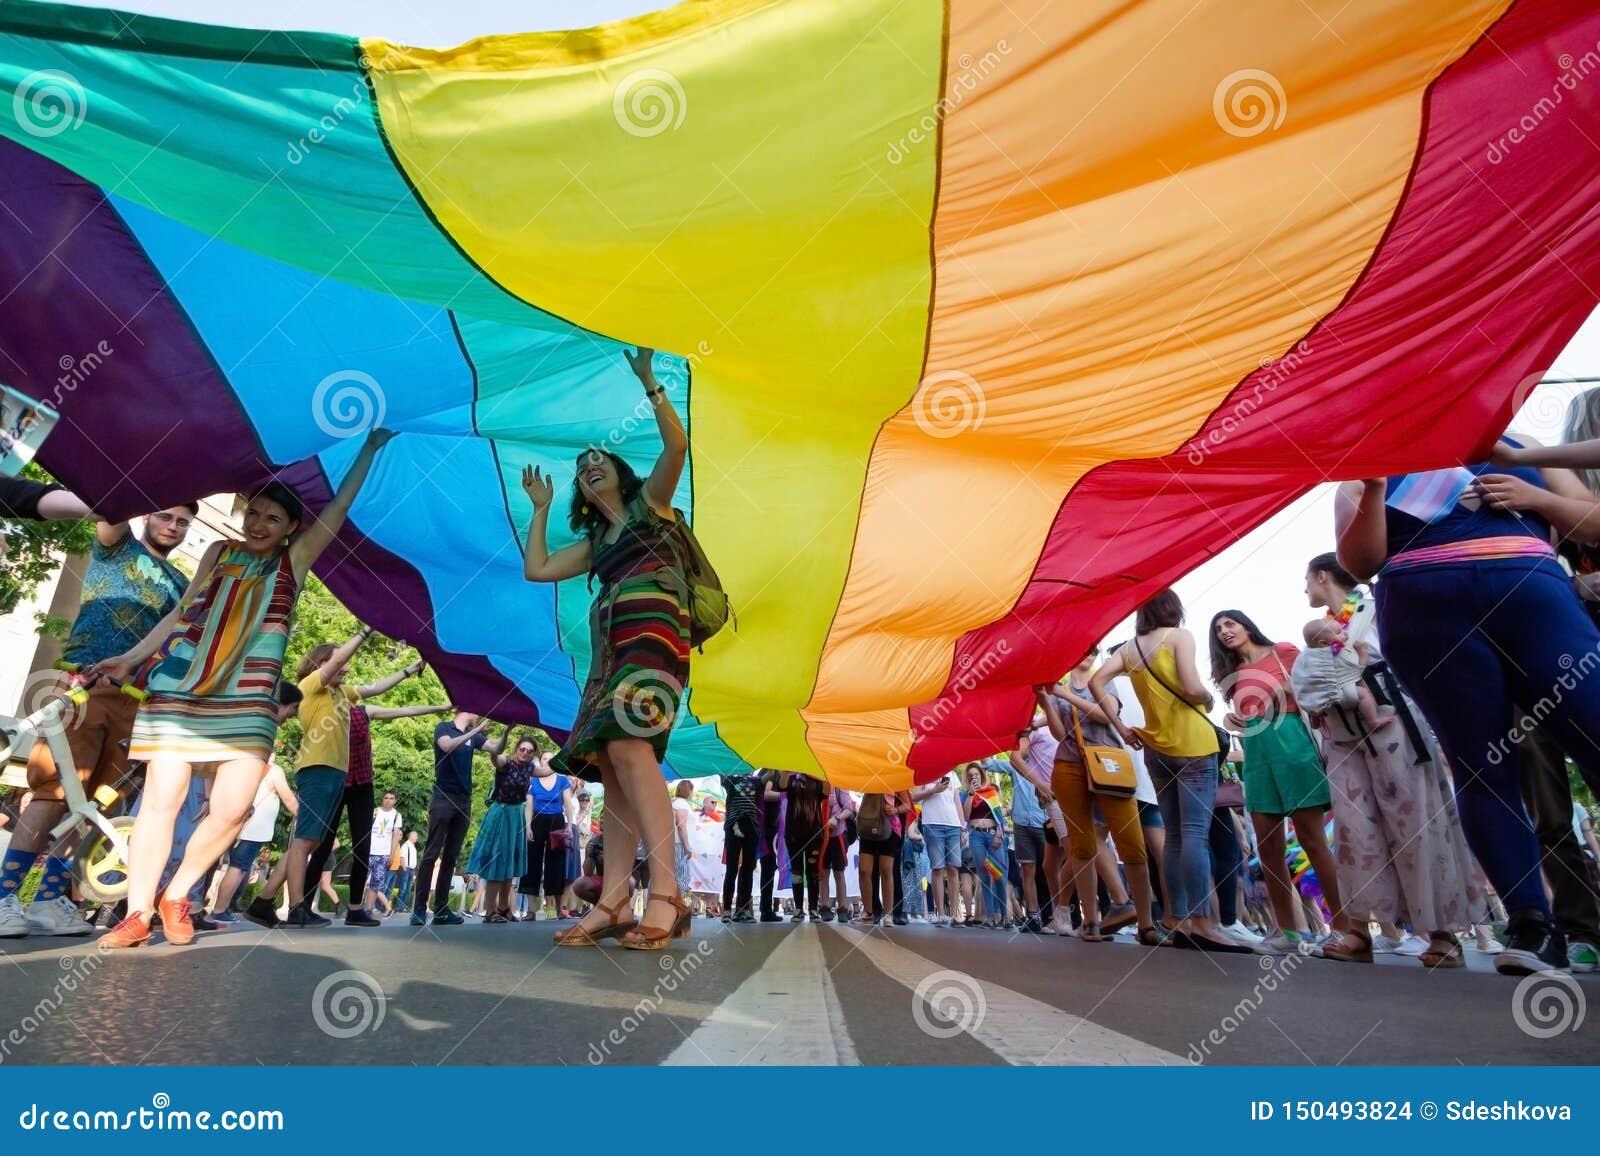 Sofia Pride annual LGBT festival